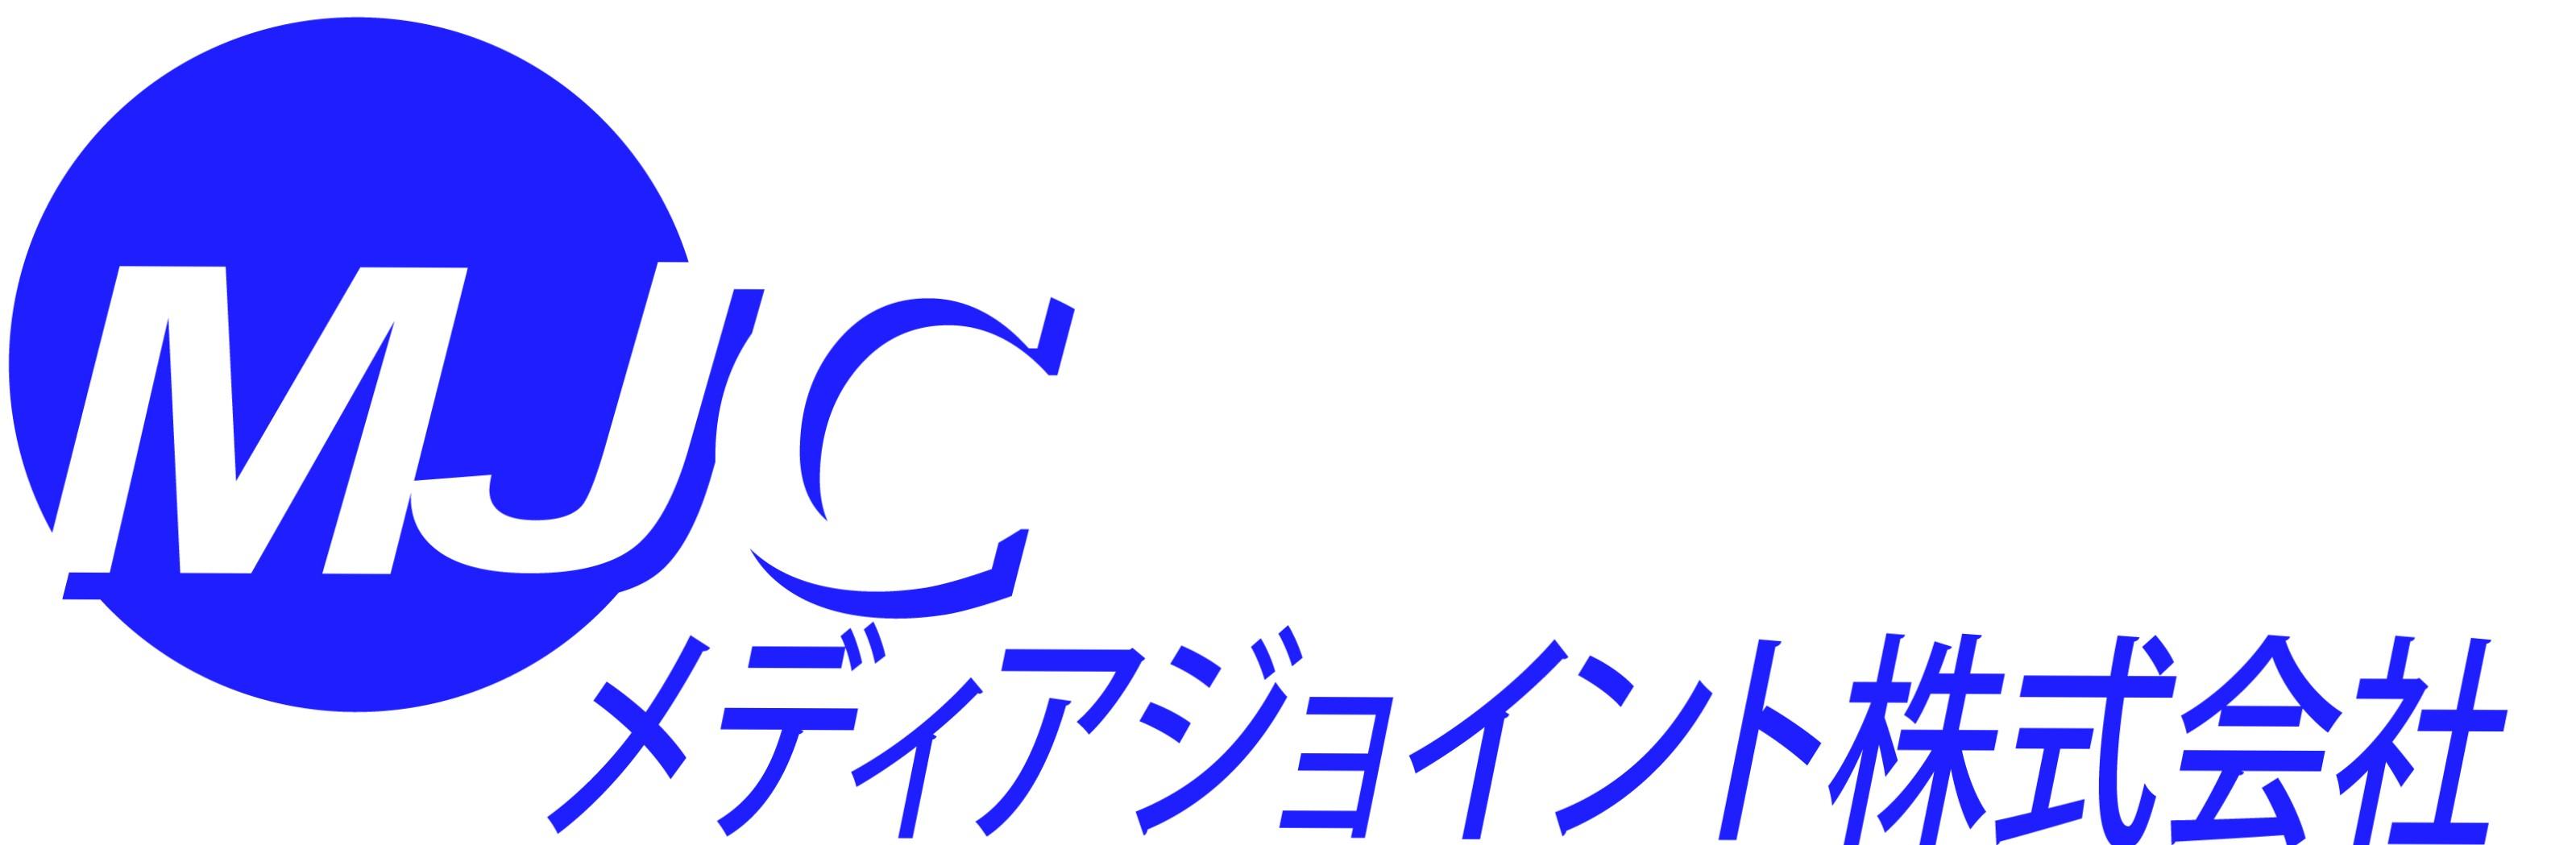 メディアジョイント株式会社